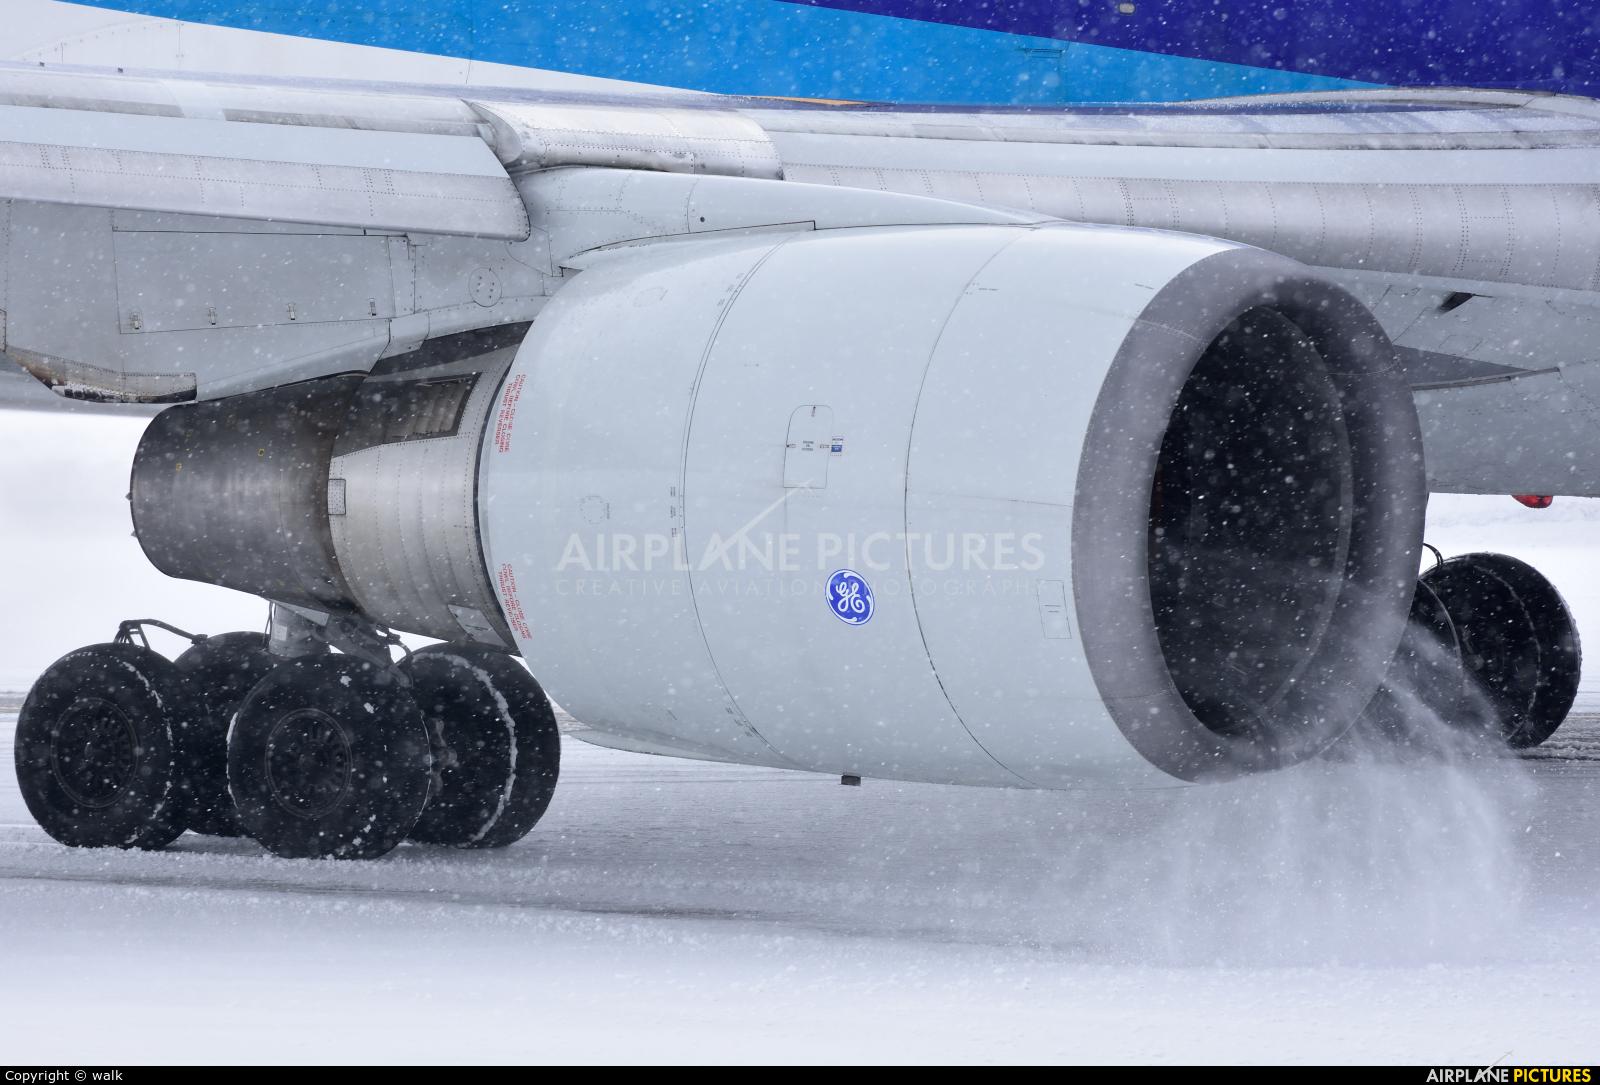 ANA - All Nippon Airways JA8670 aircraft at Akita